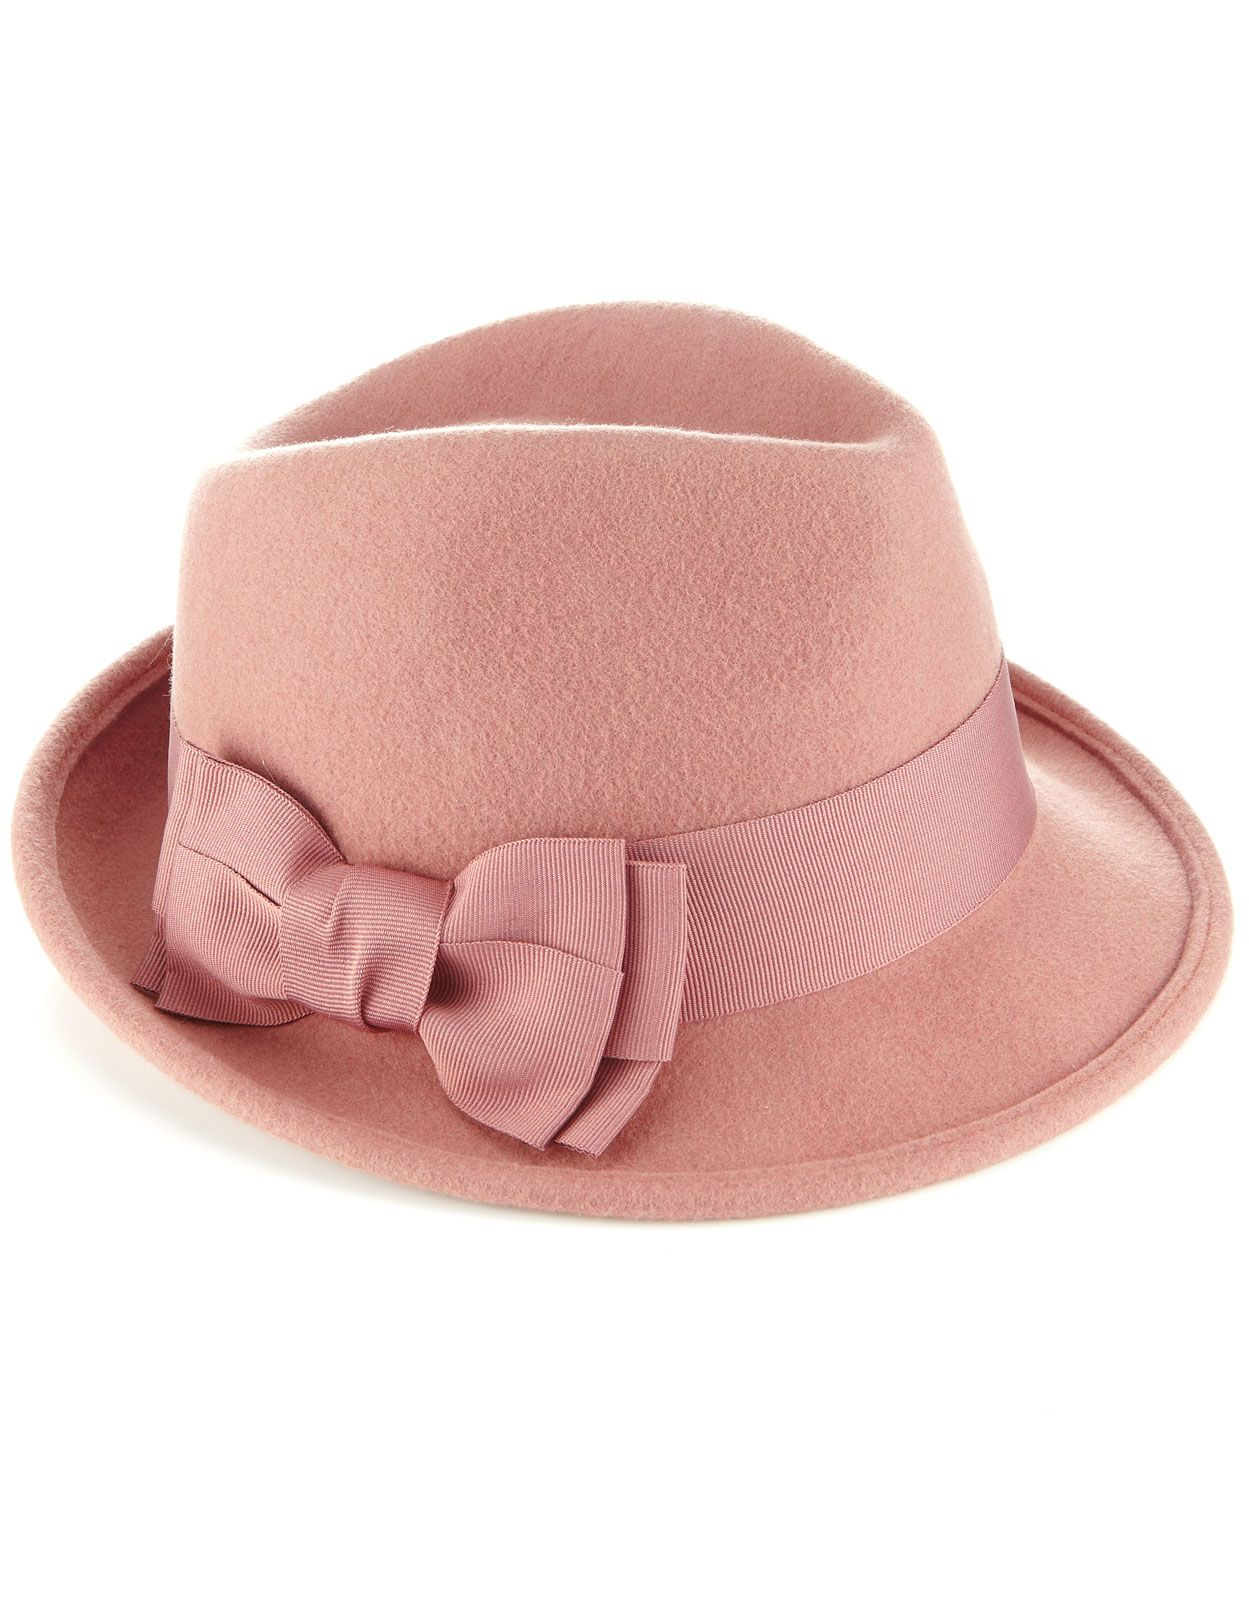 Grosgrain Bow Trilby   Pink   Accessorize   Oon kolmesti meinannut ostaa tän hatun, mutta se taitaa olla hintsun liian pieni mun päähän :C Mutta tällainen vastaava hattu ois hirveän ihana